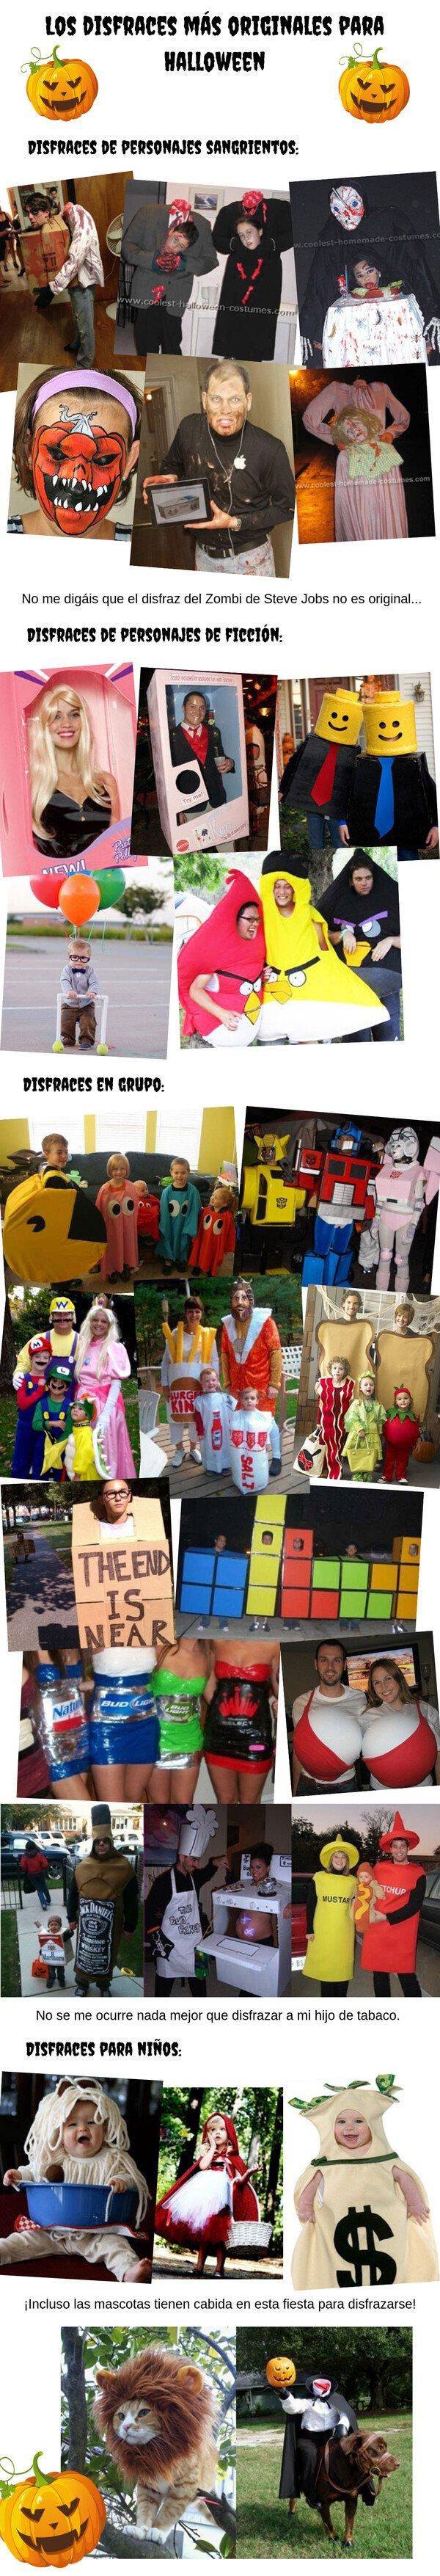 Meme_otros - Los disfraces más originales para este Halloween